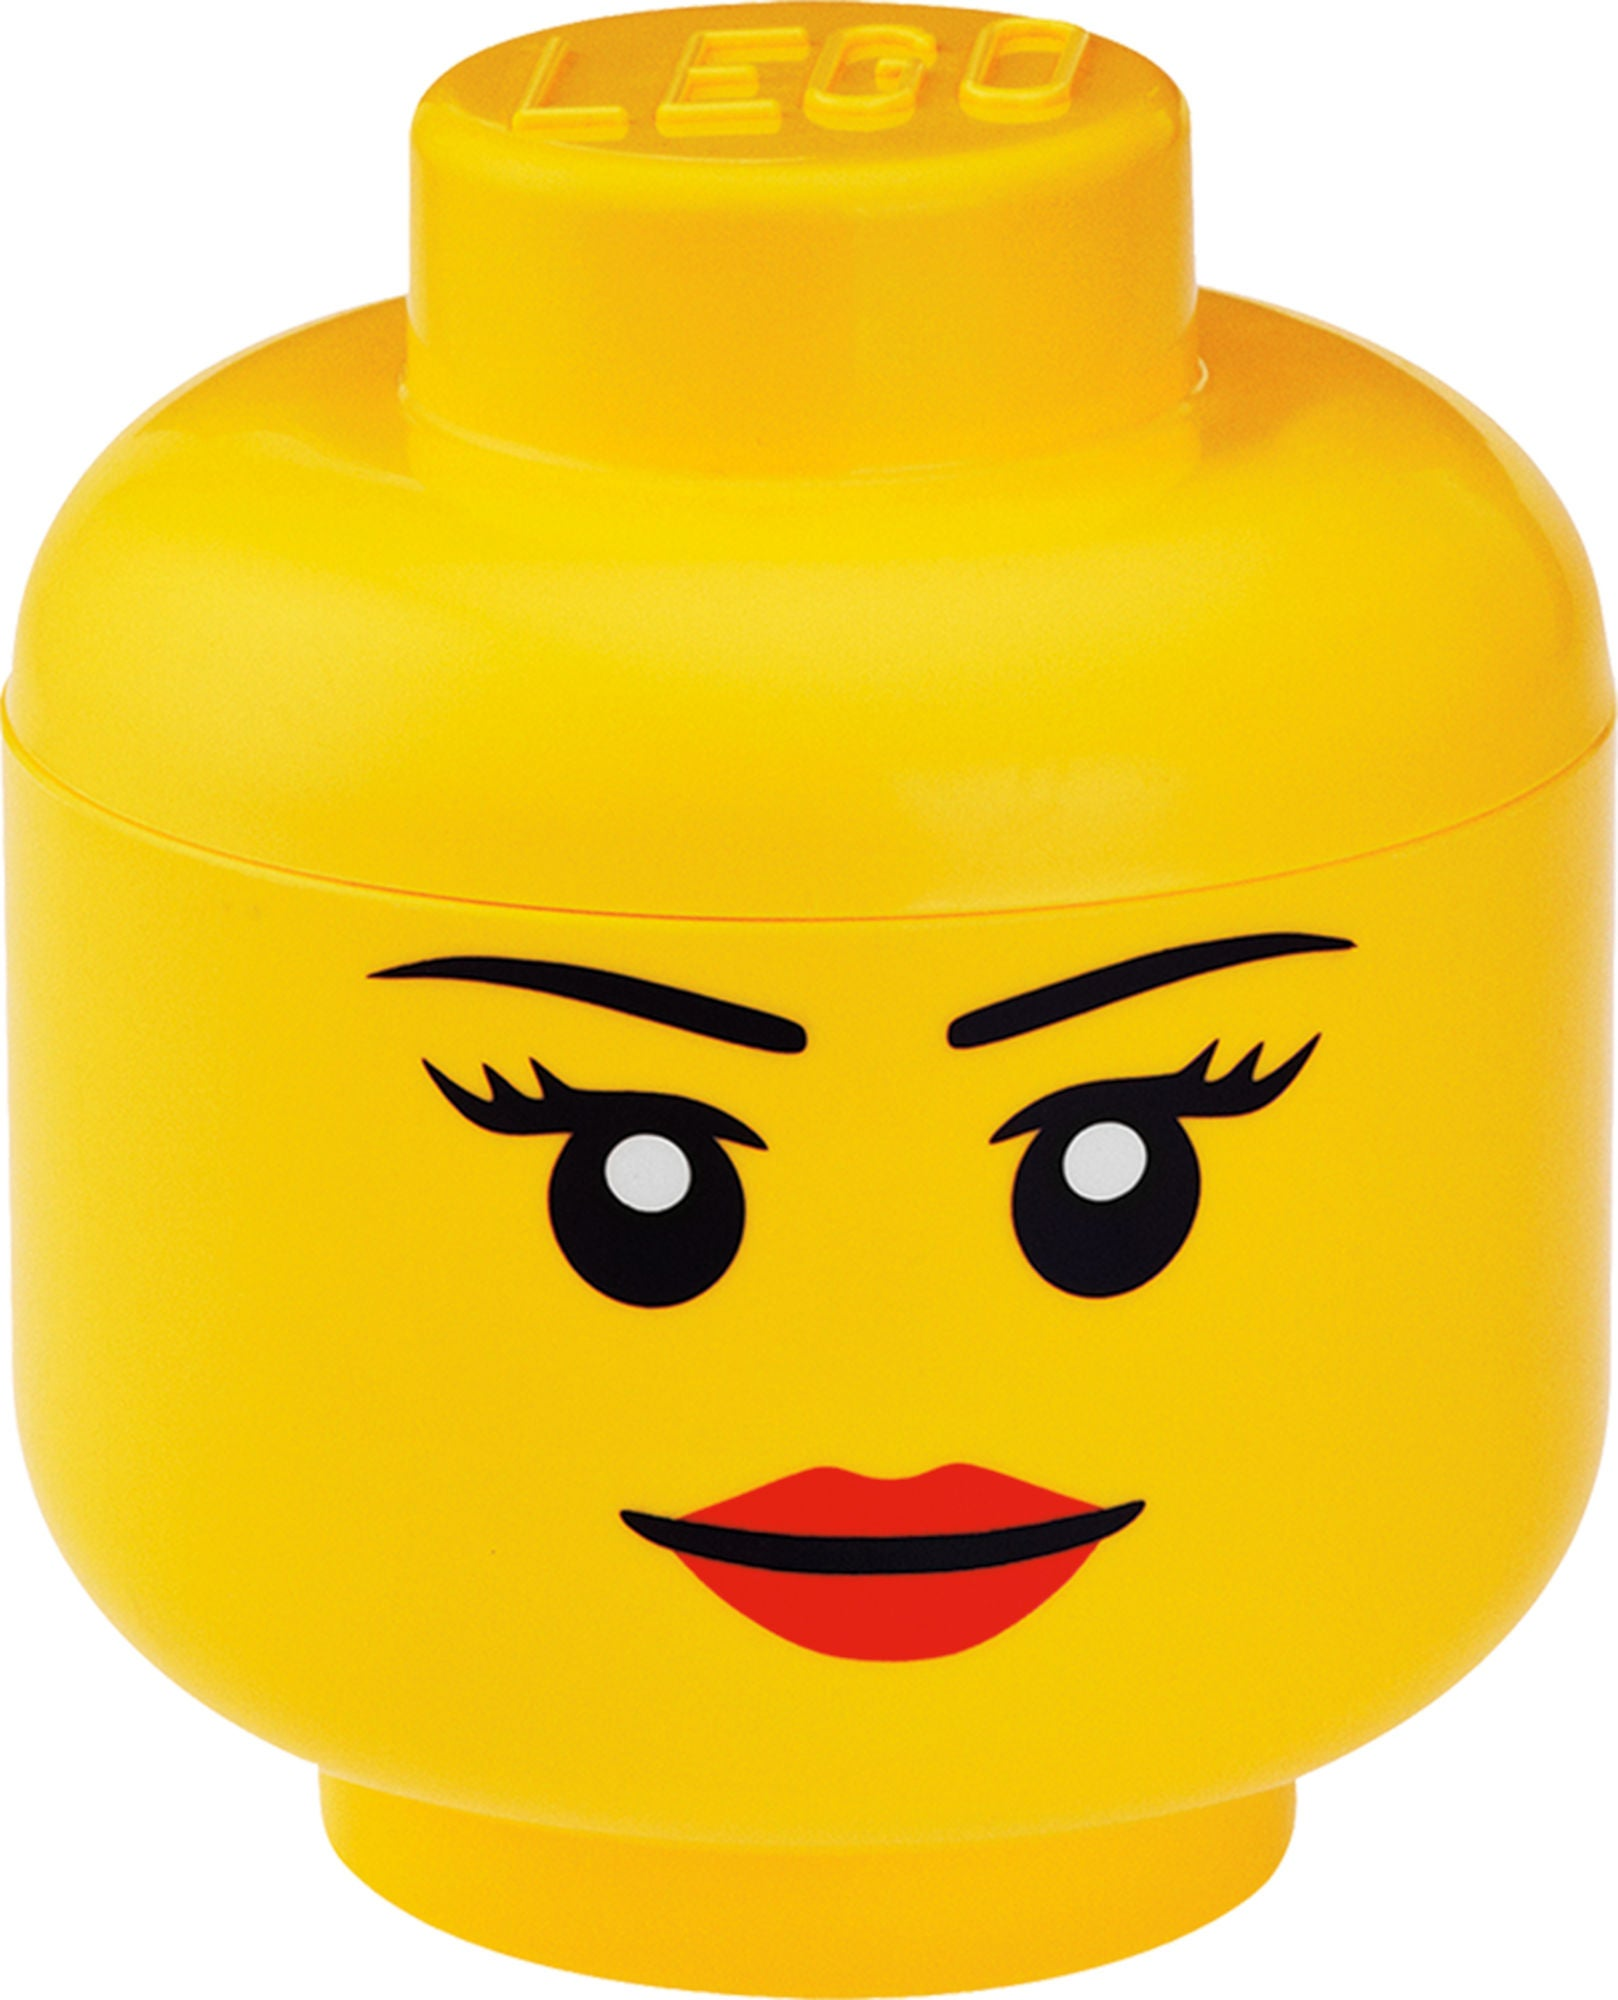 LEGO Säilytyslaatikko L Tyttö, Keltainen